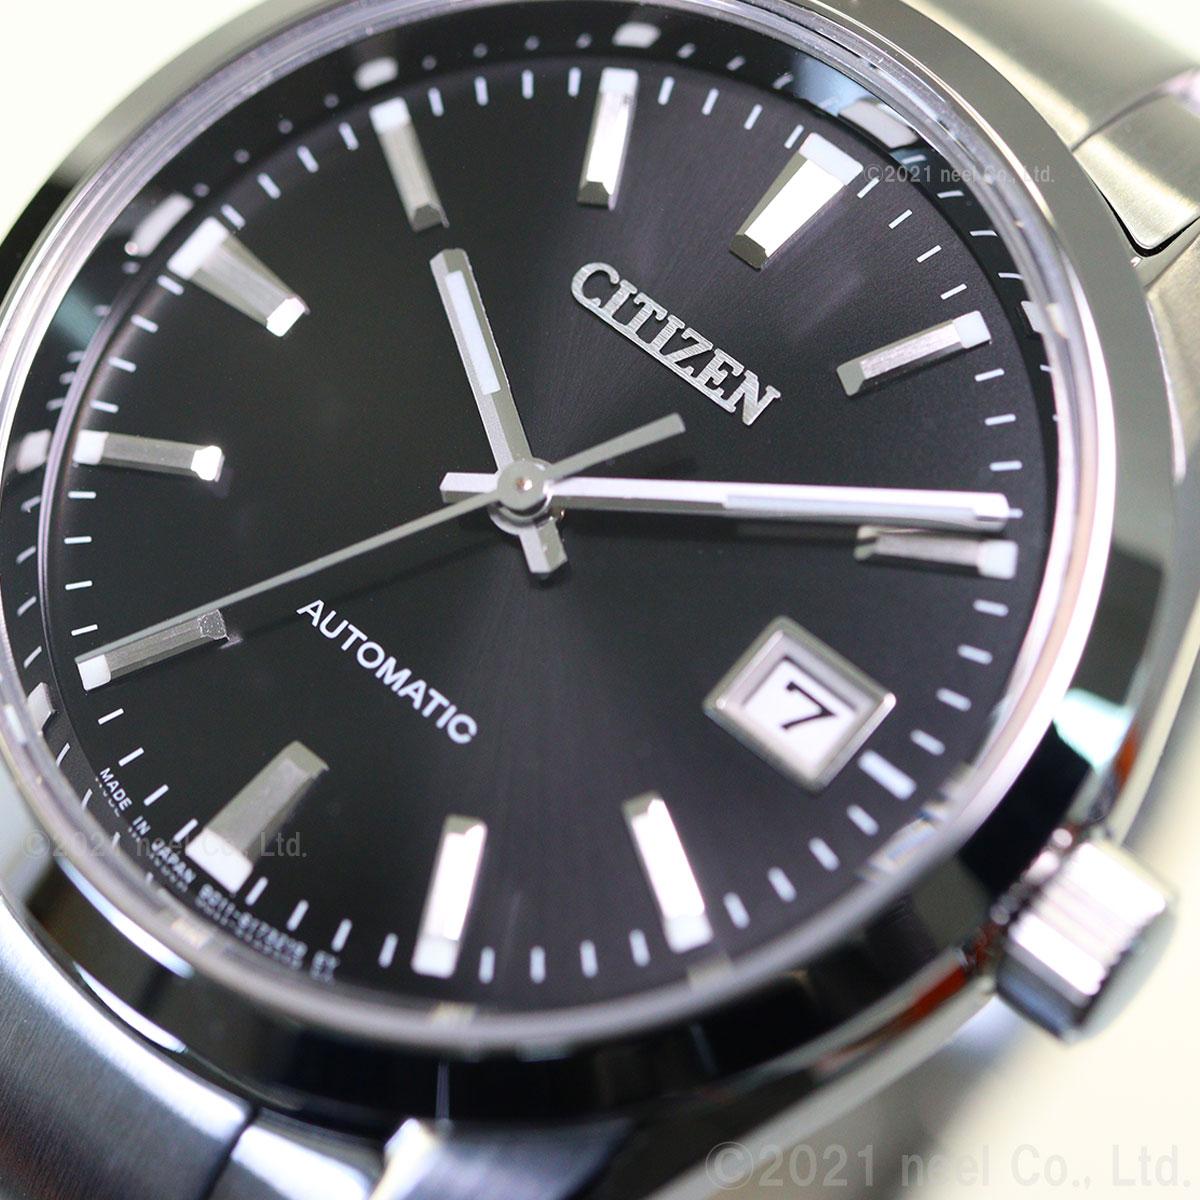 シチズンコレクション CITIZEN COLLECTION メカニカル 自動巻き 機械式 腕時計 メンズ クラシカルライン NB1050-59E